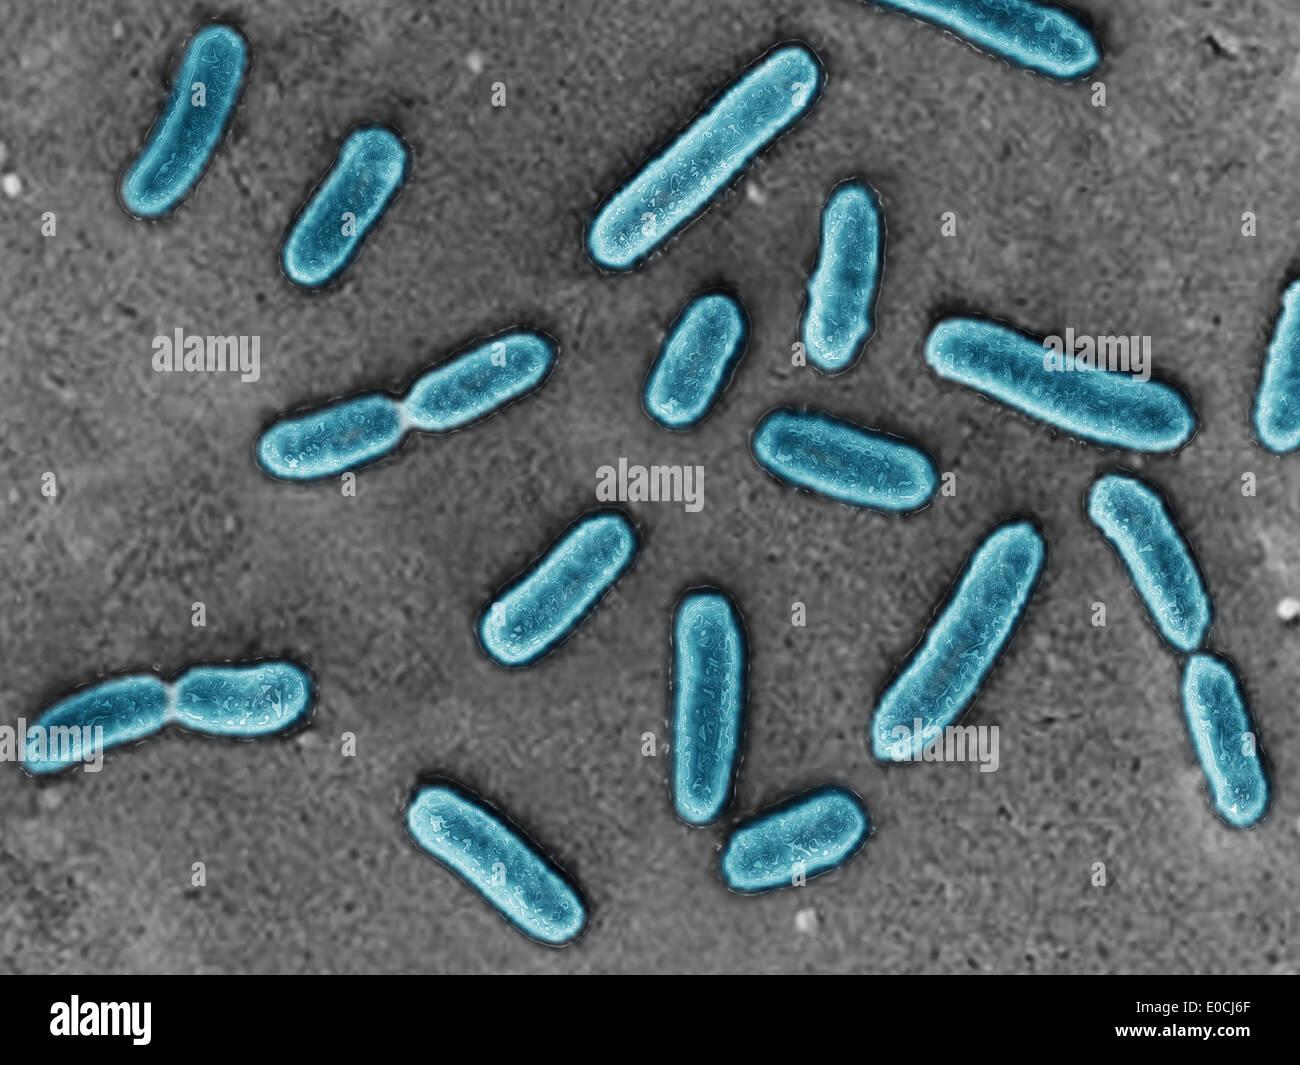 pseudomonas aeruginosa stock photo, royalty free image: 69119191, Skeleton